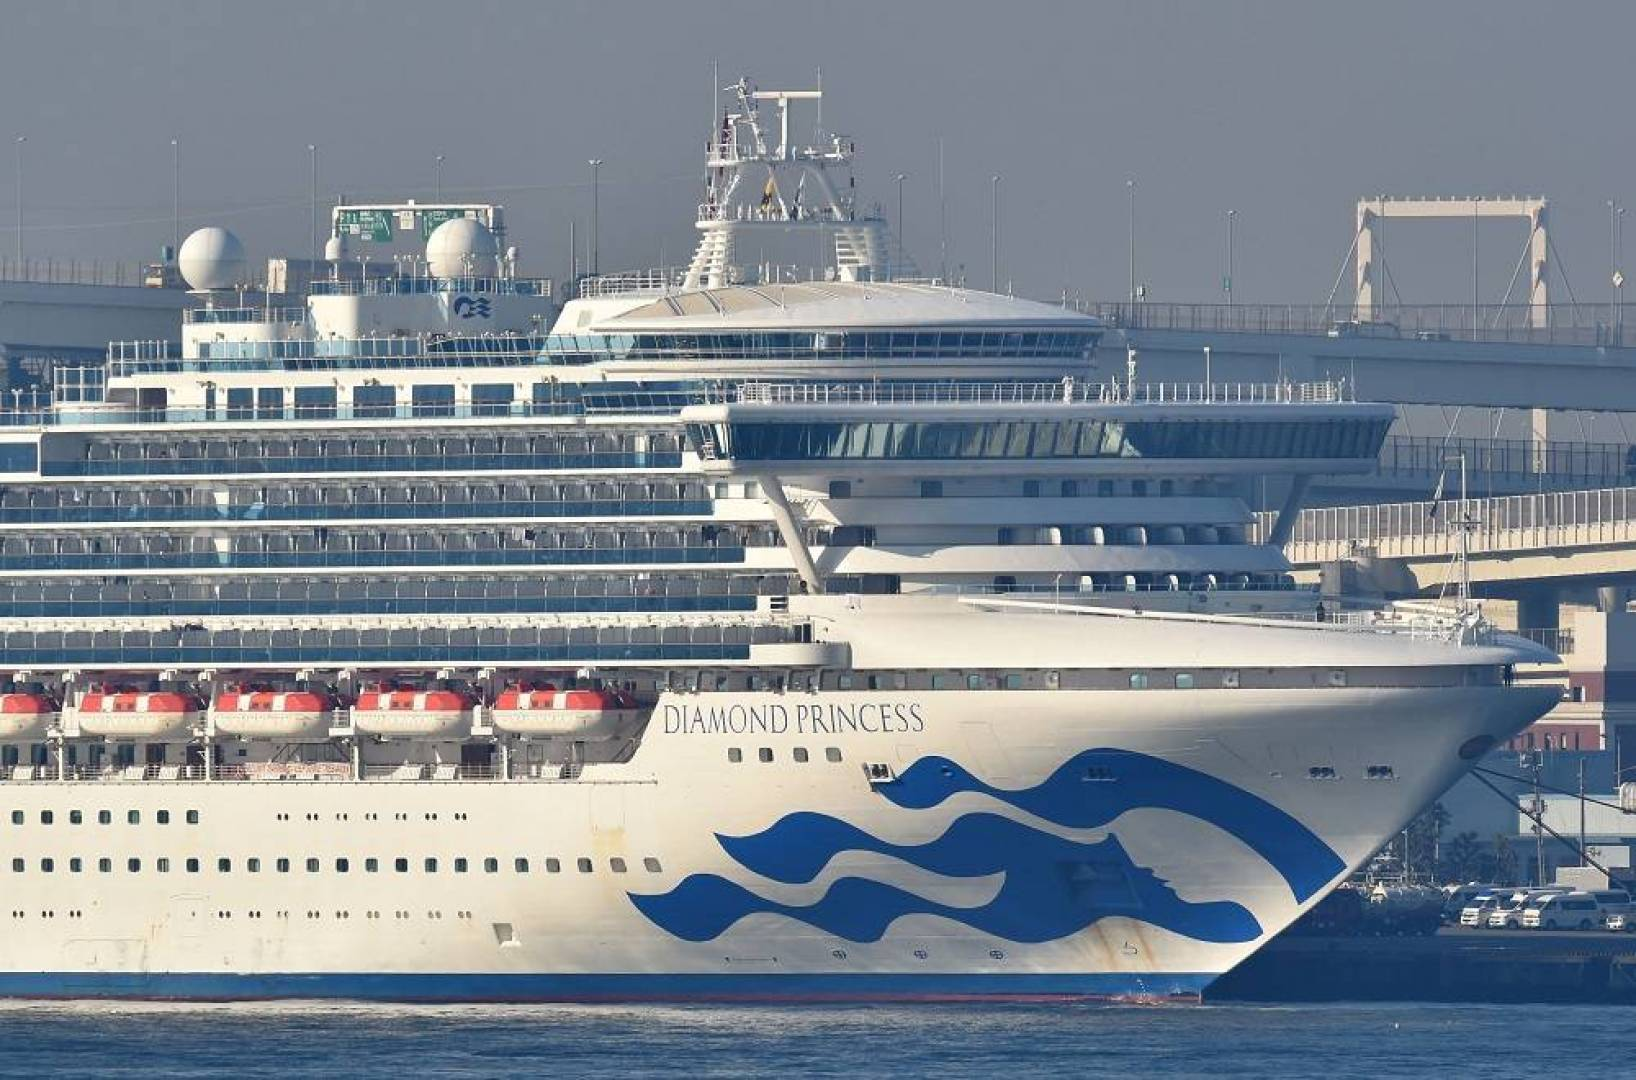 واشنطن ستُجلي مواطنيها الموجودين على متن السفينة الخاضعة للحجر الصحي